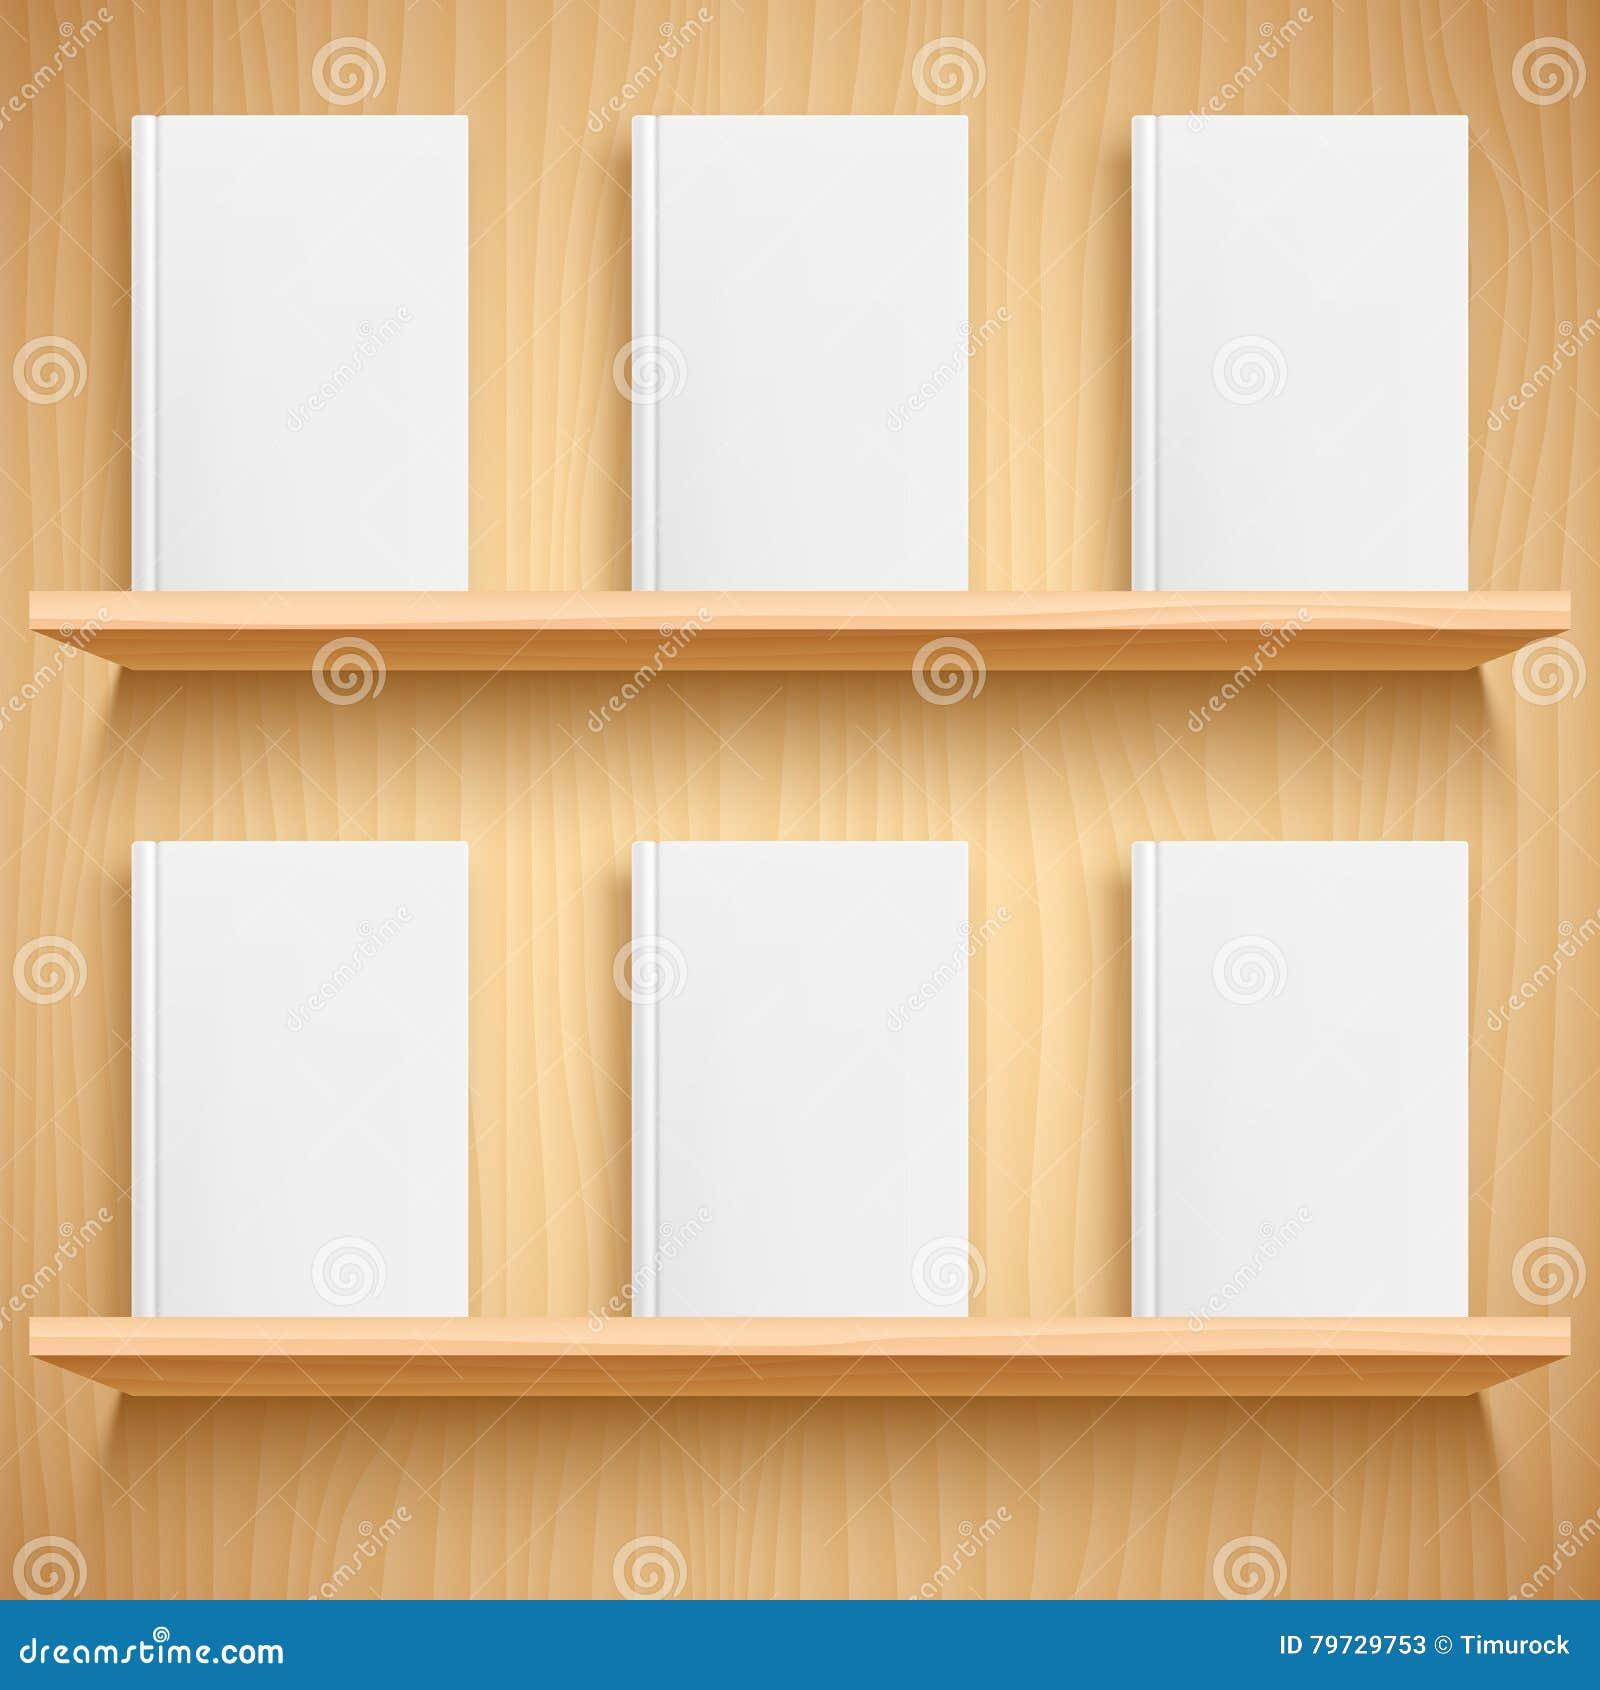 书架和书与封口盖板